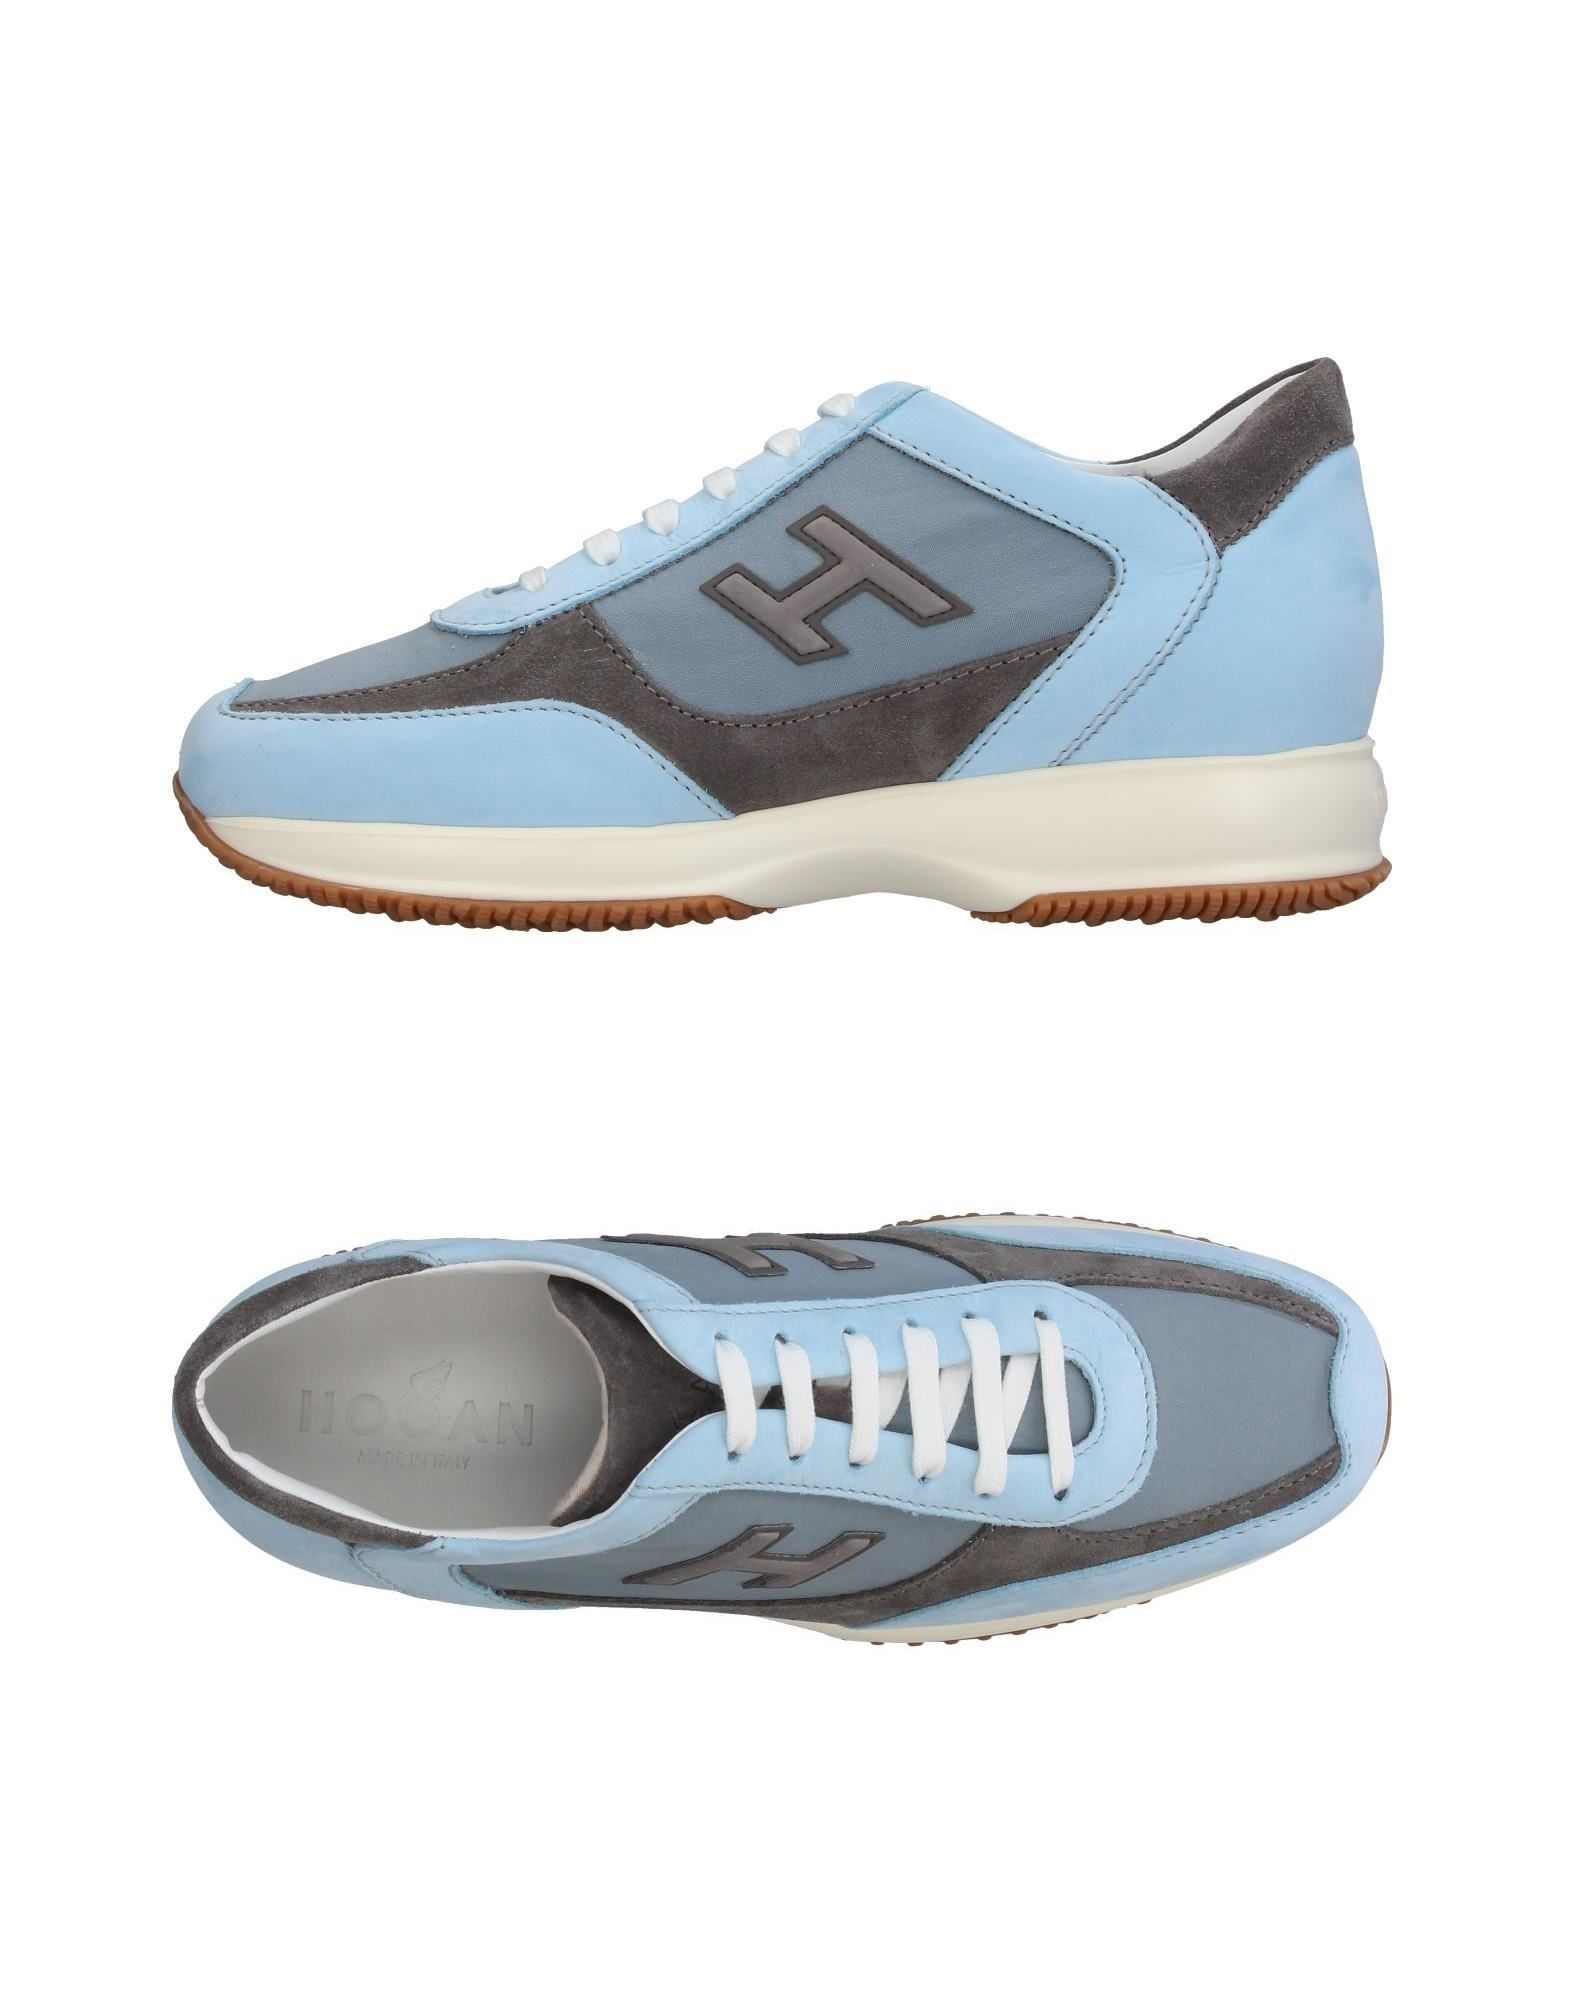 Hogan Sneakers Herren  11415281KJ Gute Schuhe Qualität beliebte Schuhe Gute 66a60a